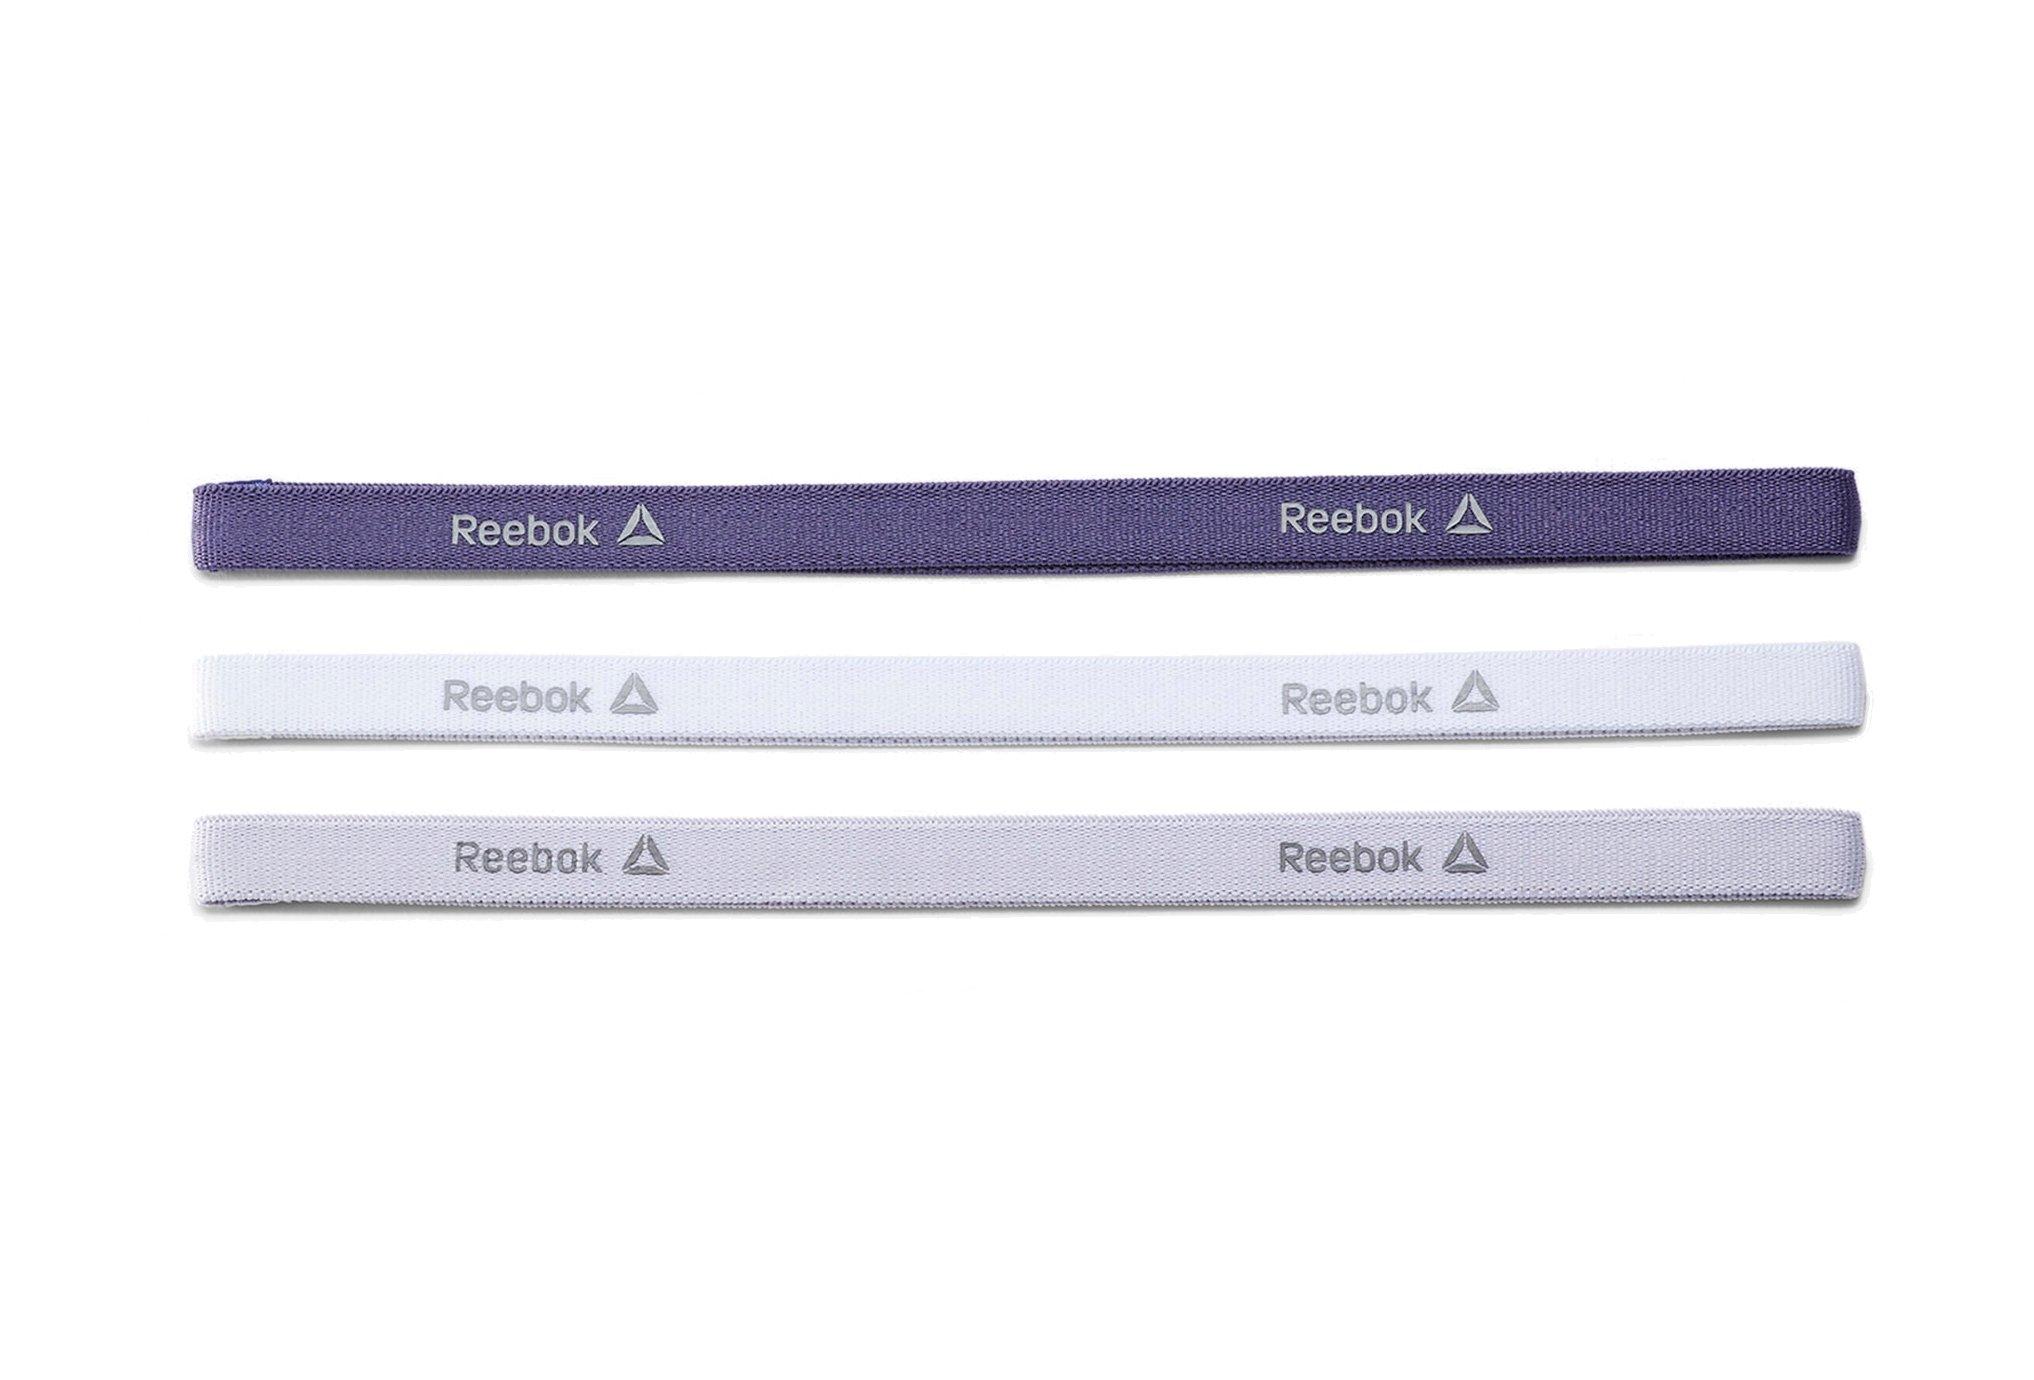 Reebok Bandeaux fins one series x3 casquettes / bandeaux